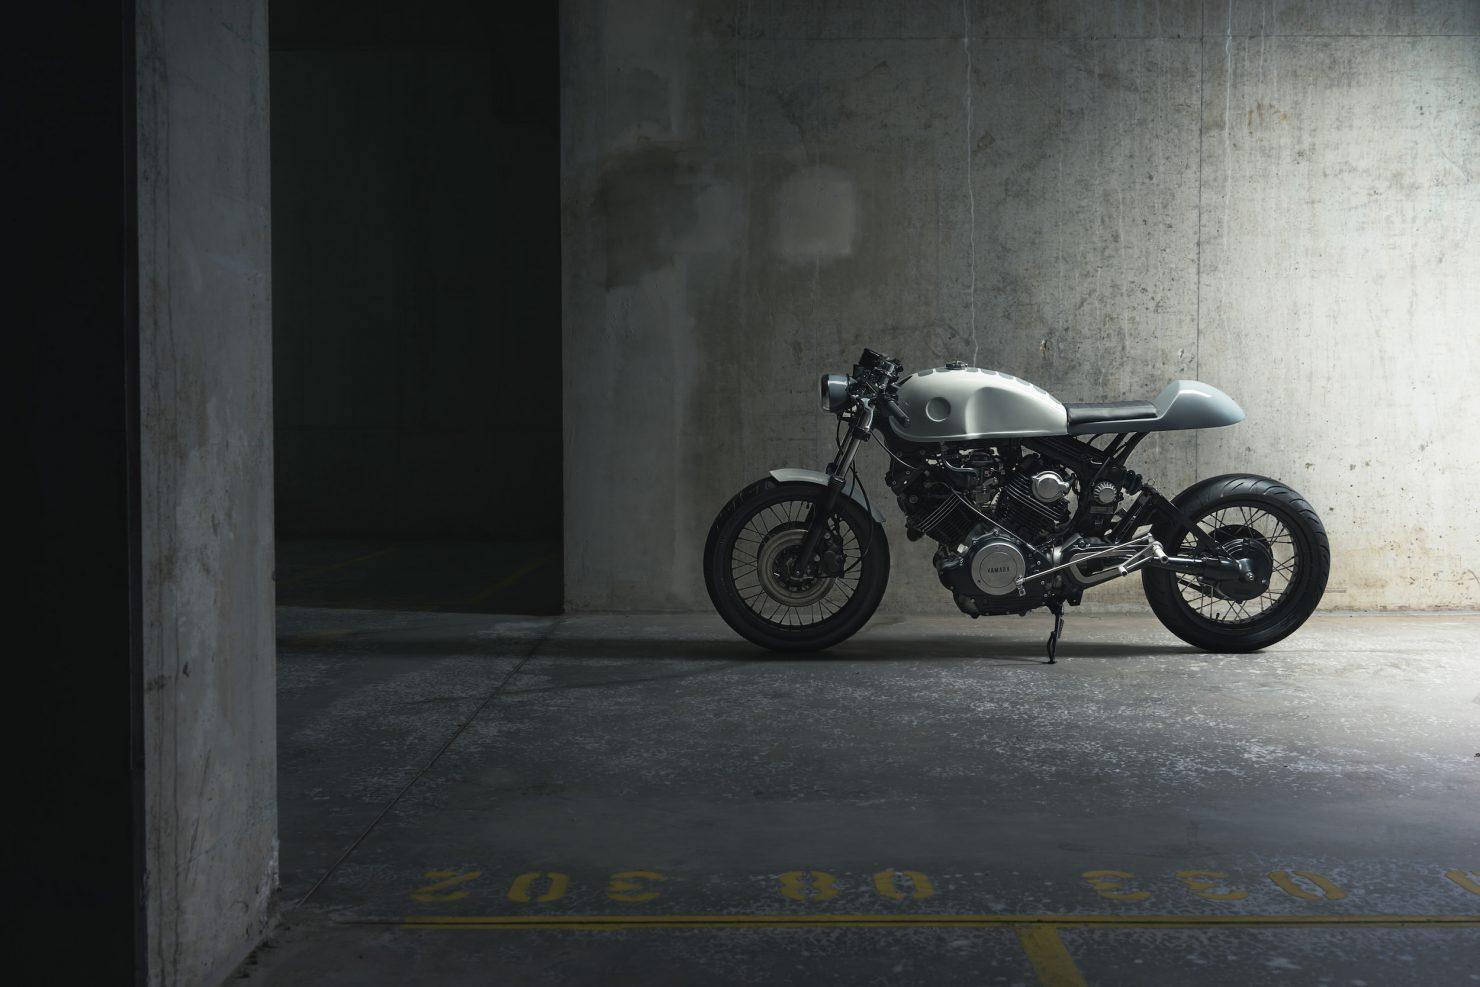 Yamaha Virago XV750 1 1480x987 - Elemental Custom Cycles Yamaha XV750